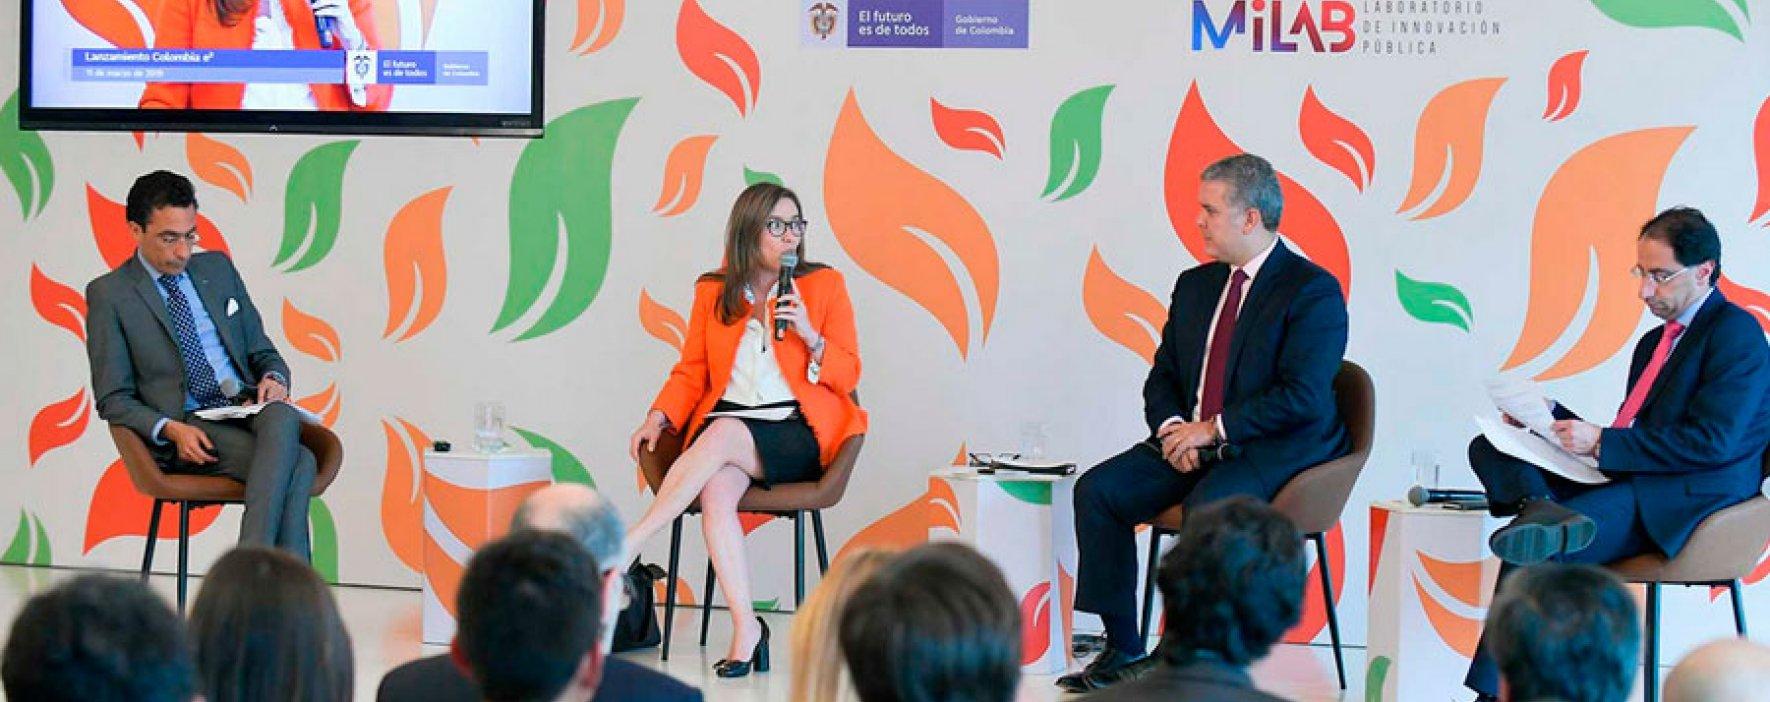 Colombia E2, el nuevo programa que llevará energías renovables a familias de La Guajira